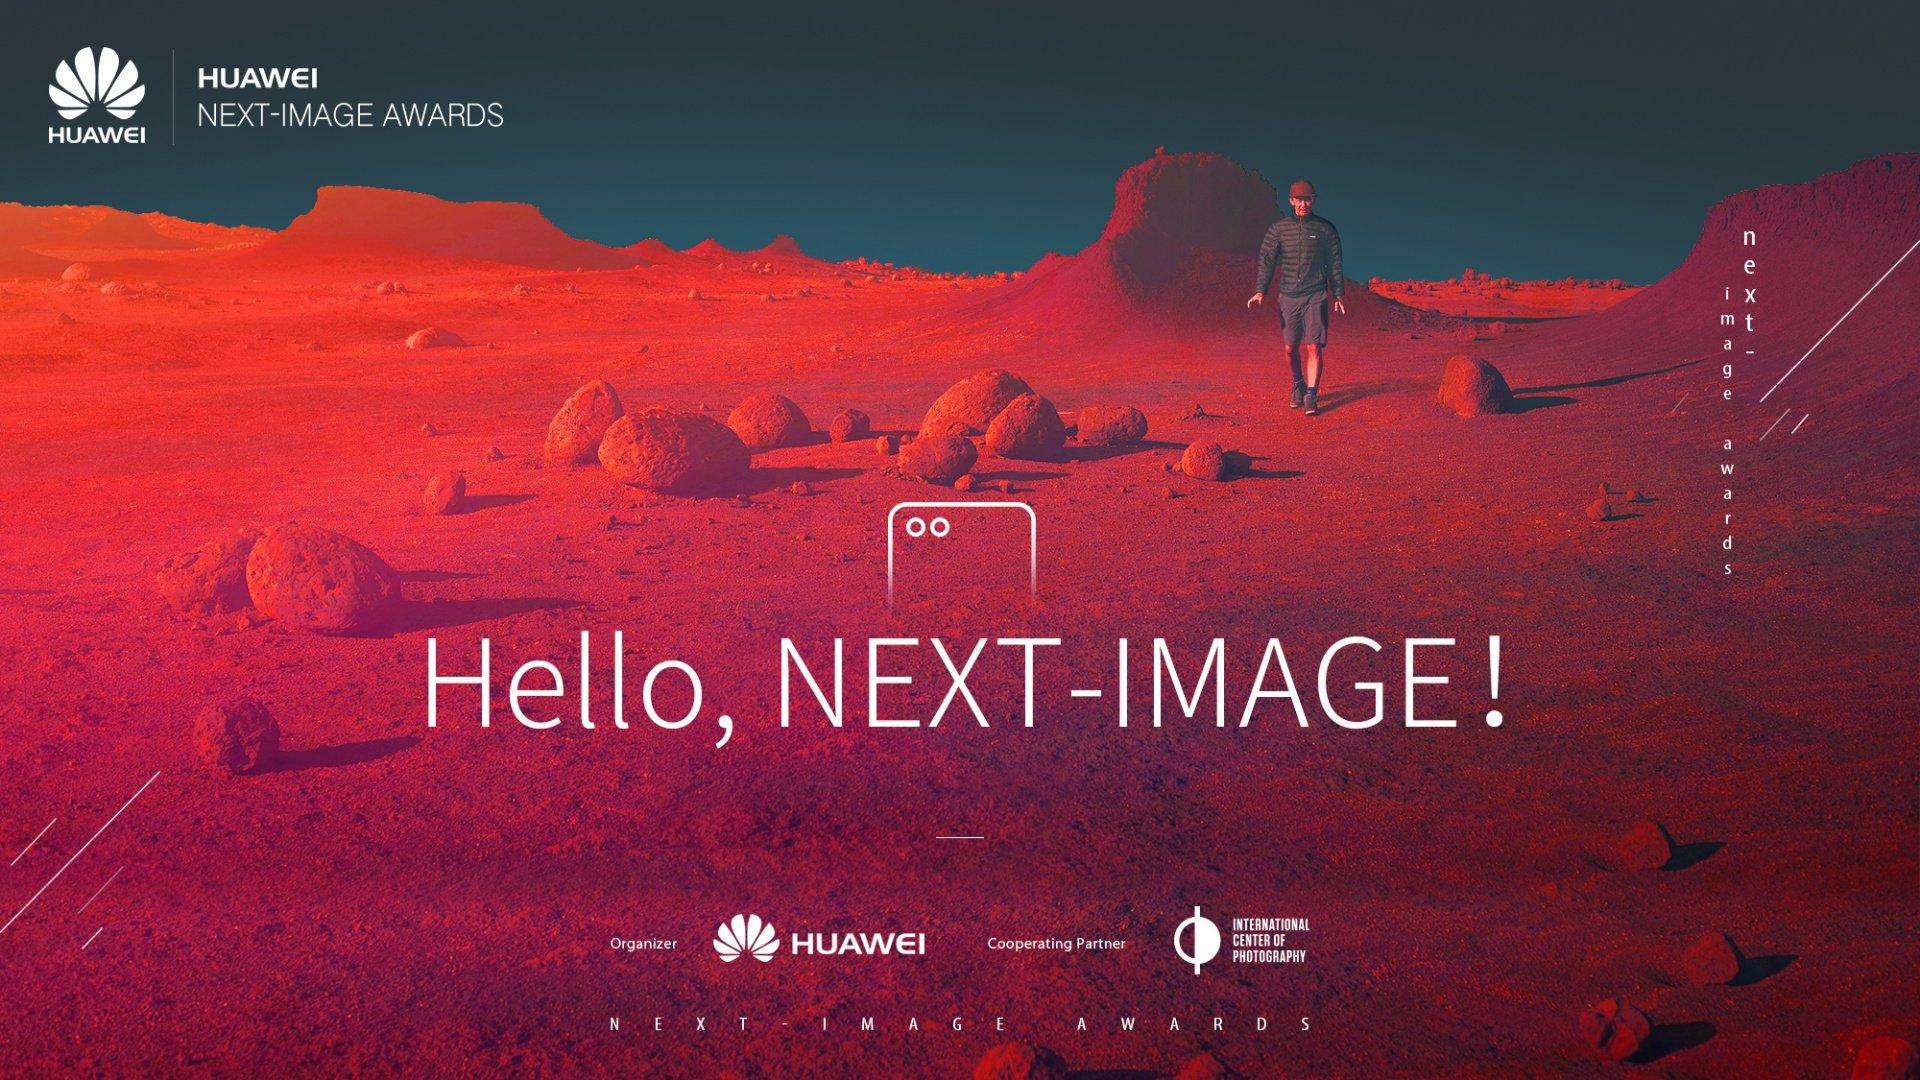 Huawei Next Image Awards 2021